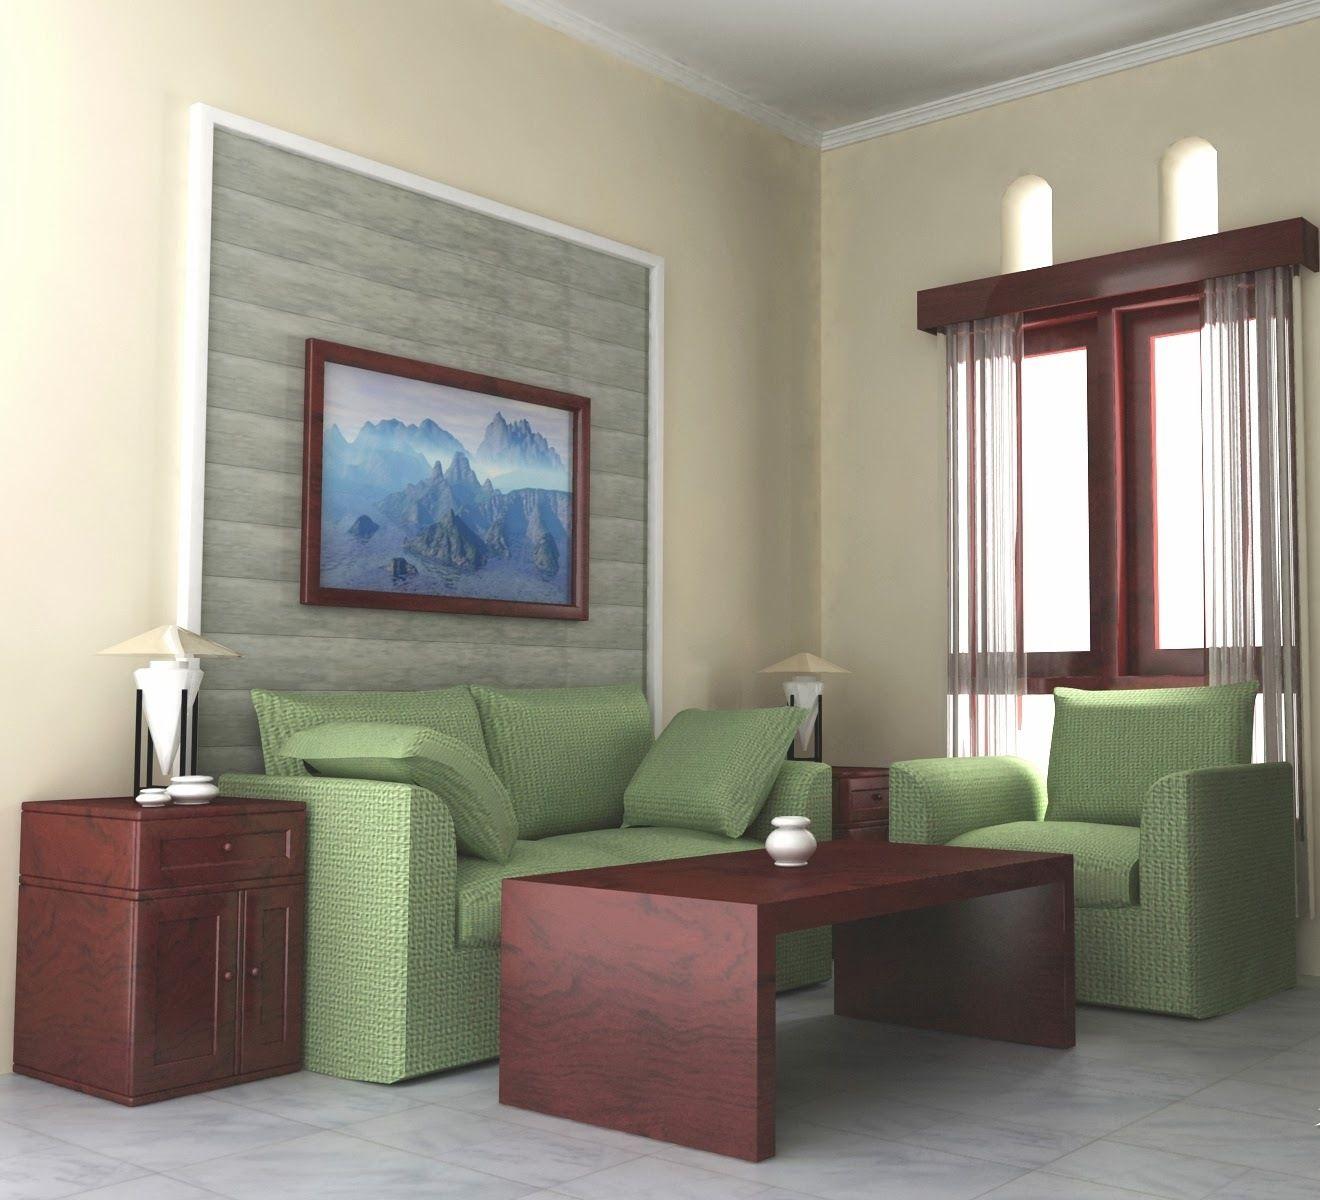 Desain ruang tamu minimalis ukuran 3x3 meter rumah for Design interior minimalis modern